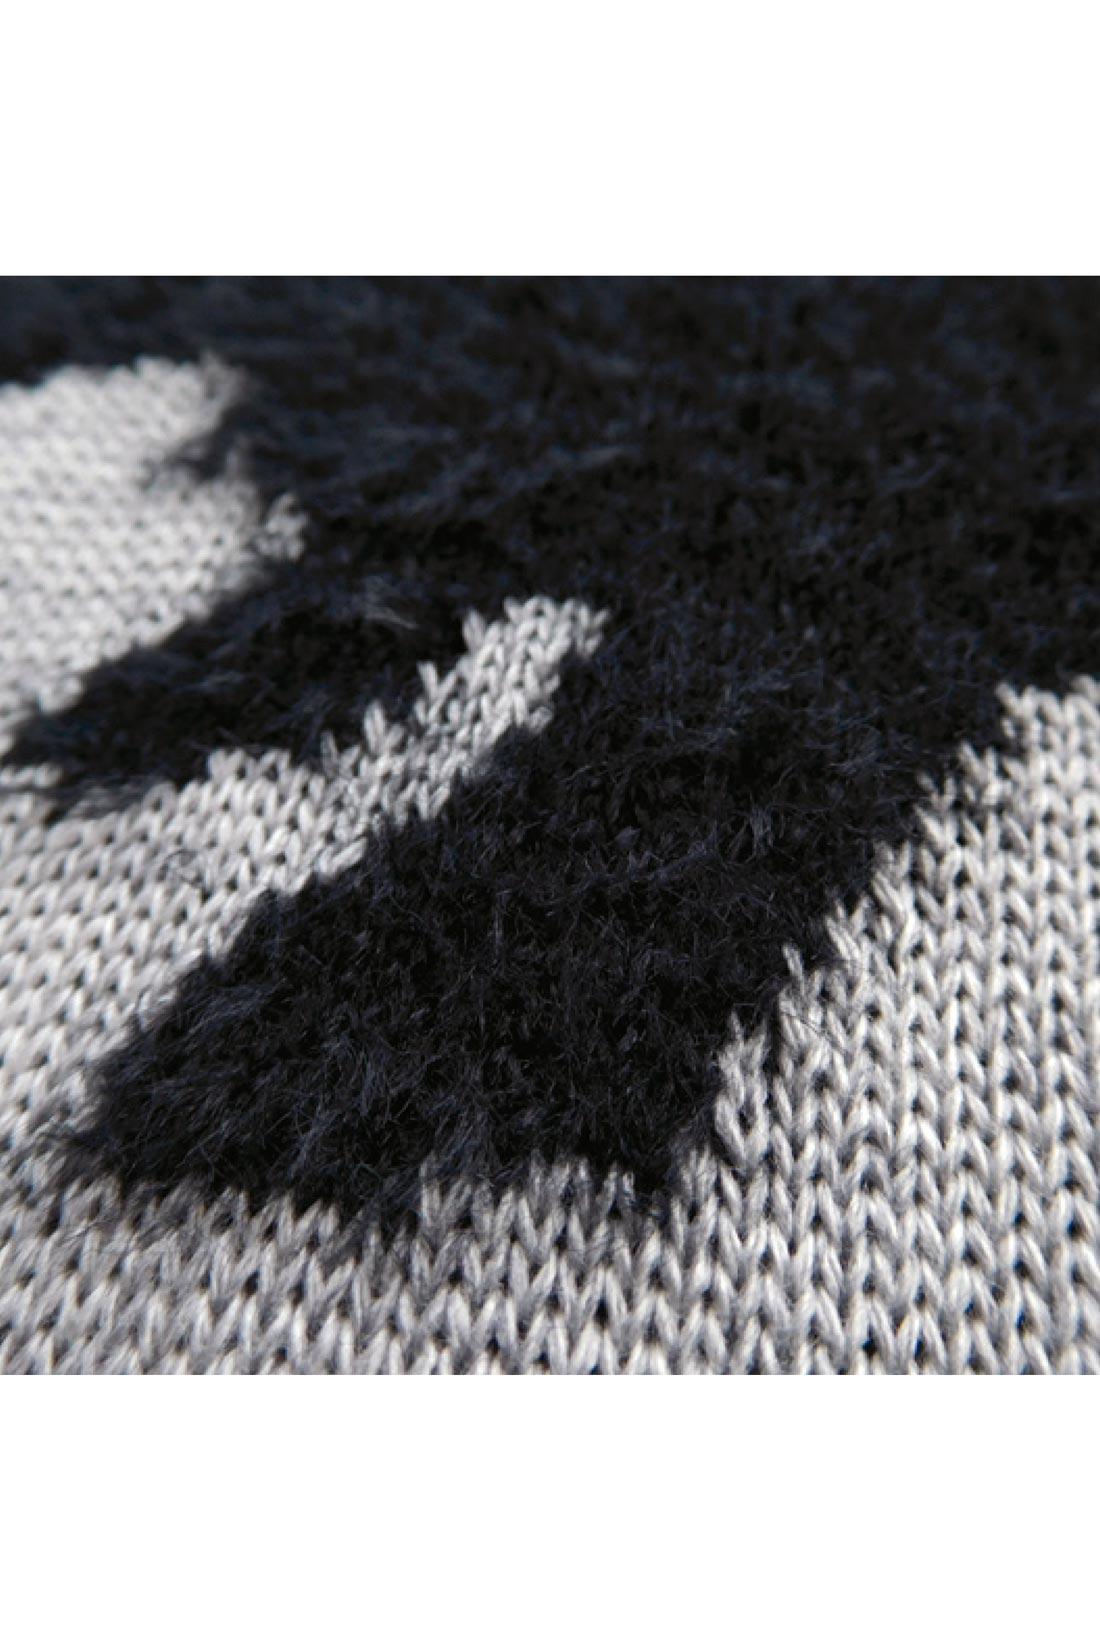 動物のシルエットのところだけ、もけもけ糸で編んでいるよ。